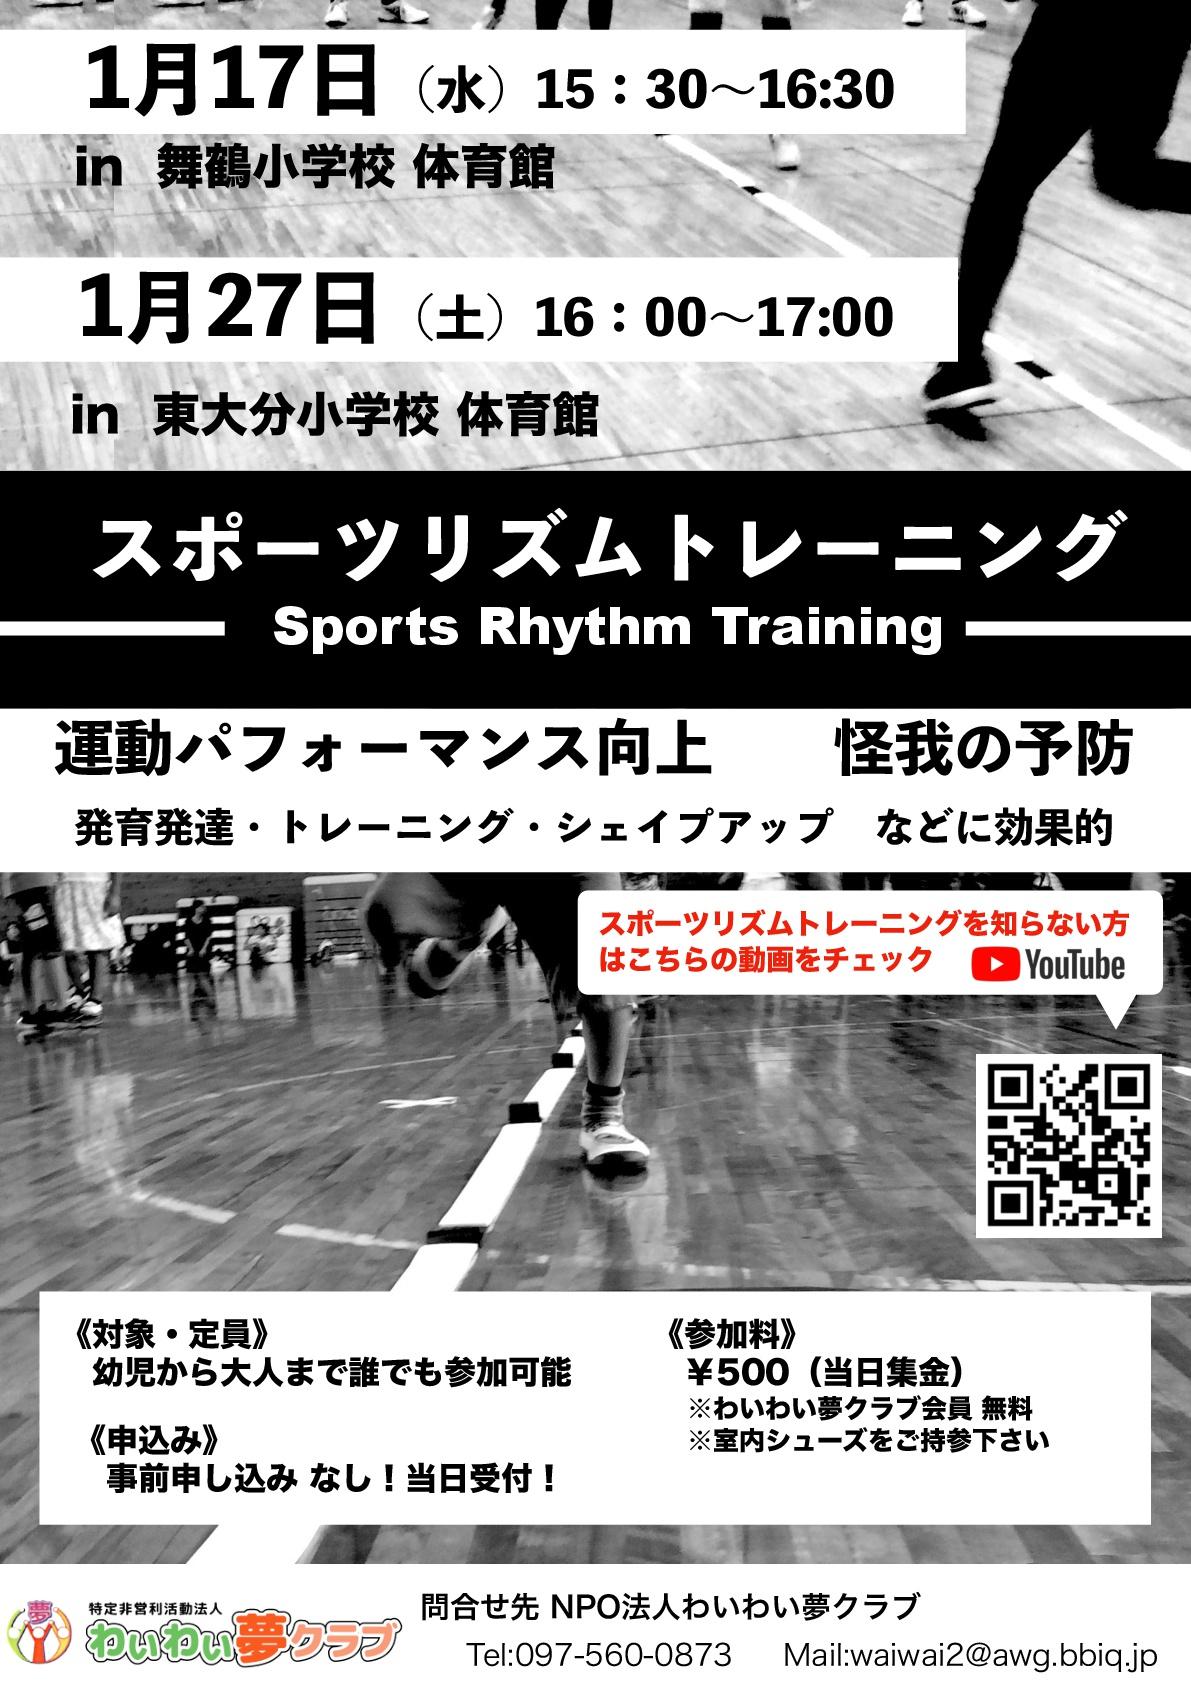 スポーツリズムトレーニング開催のお知らせ